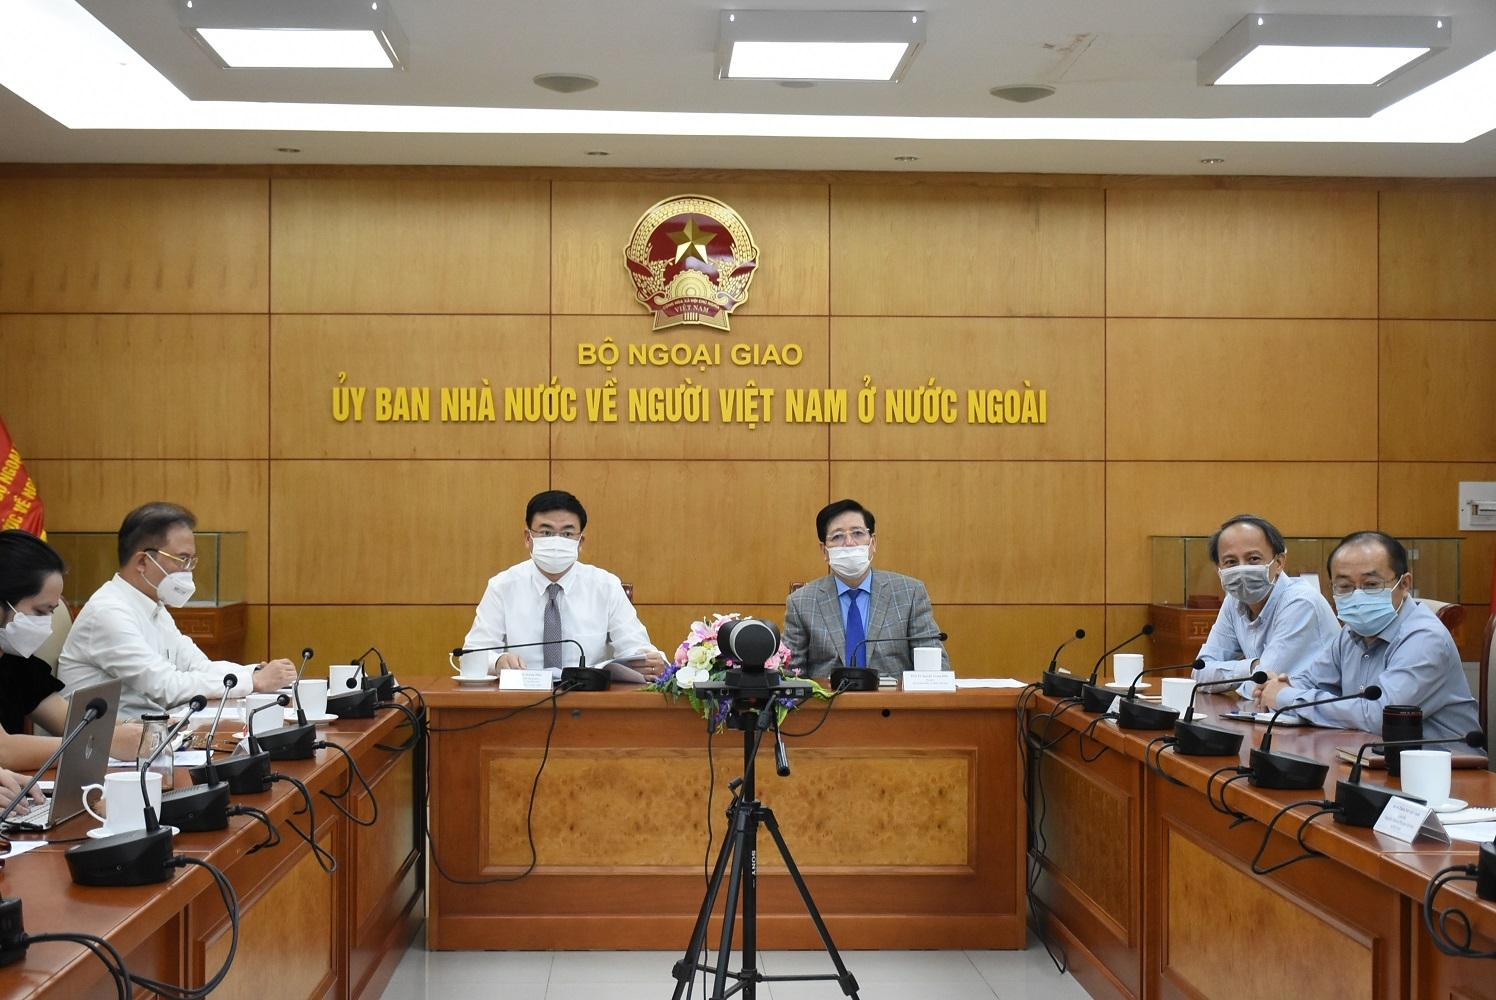 """Tọa đàm trực tuyến """"Doanh nhân kiều bào với mạng lưới tiêu thụ hàng Việt Nam ở nước ngoài"""""""